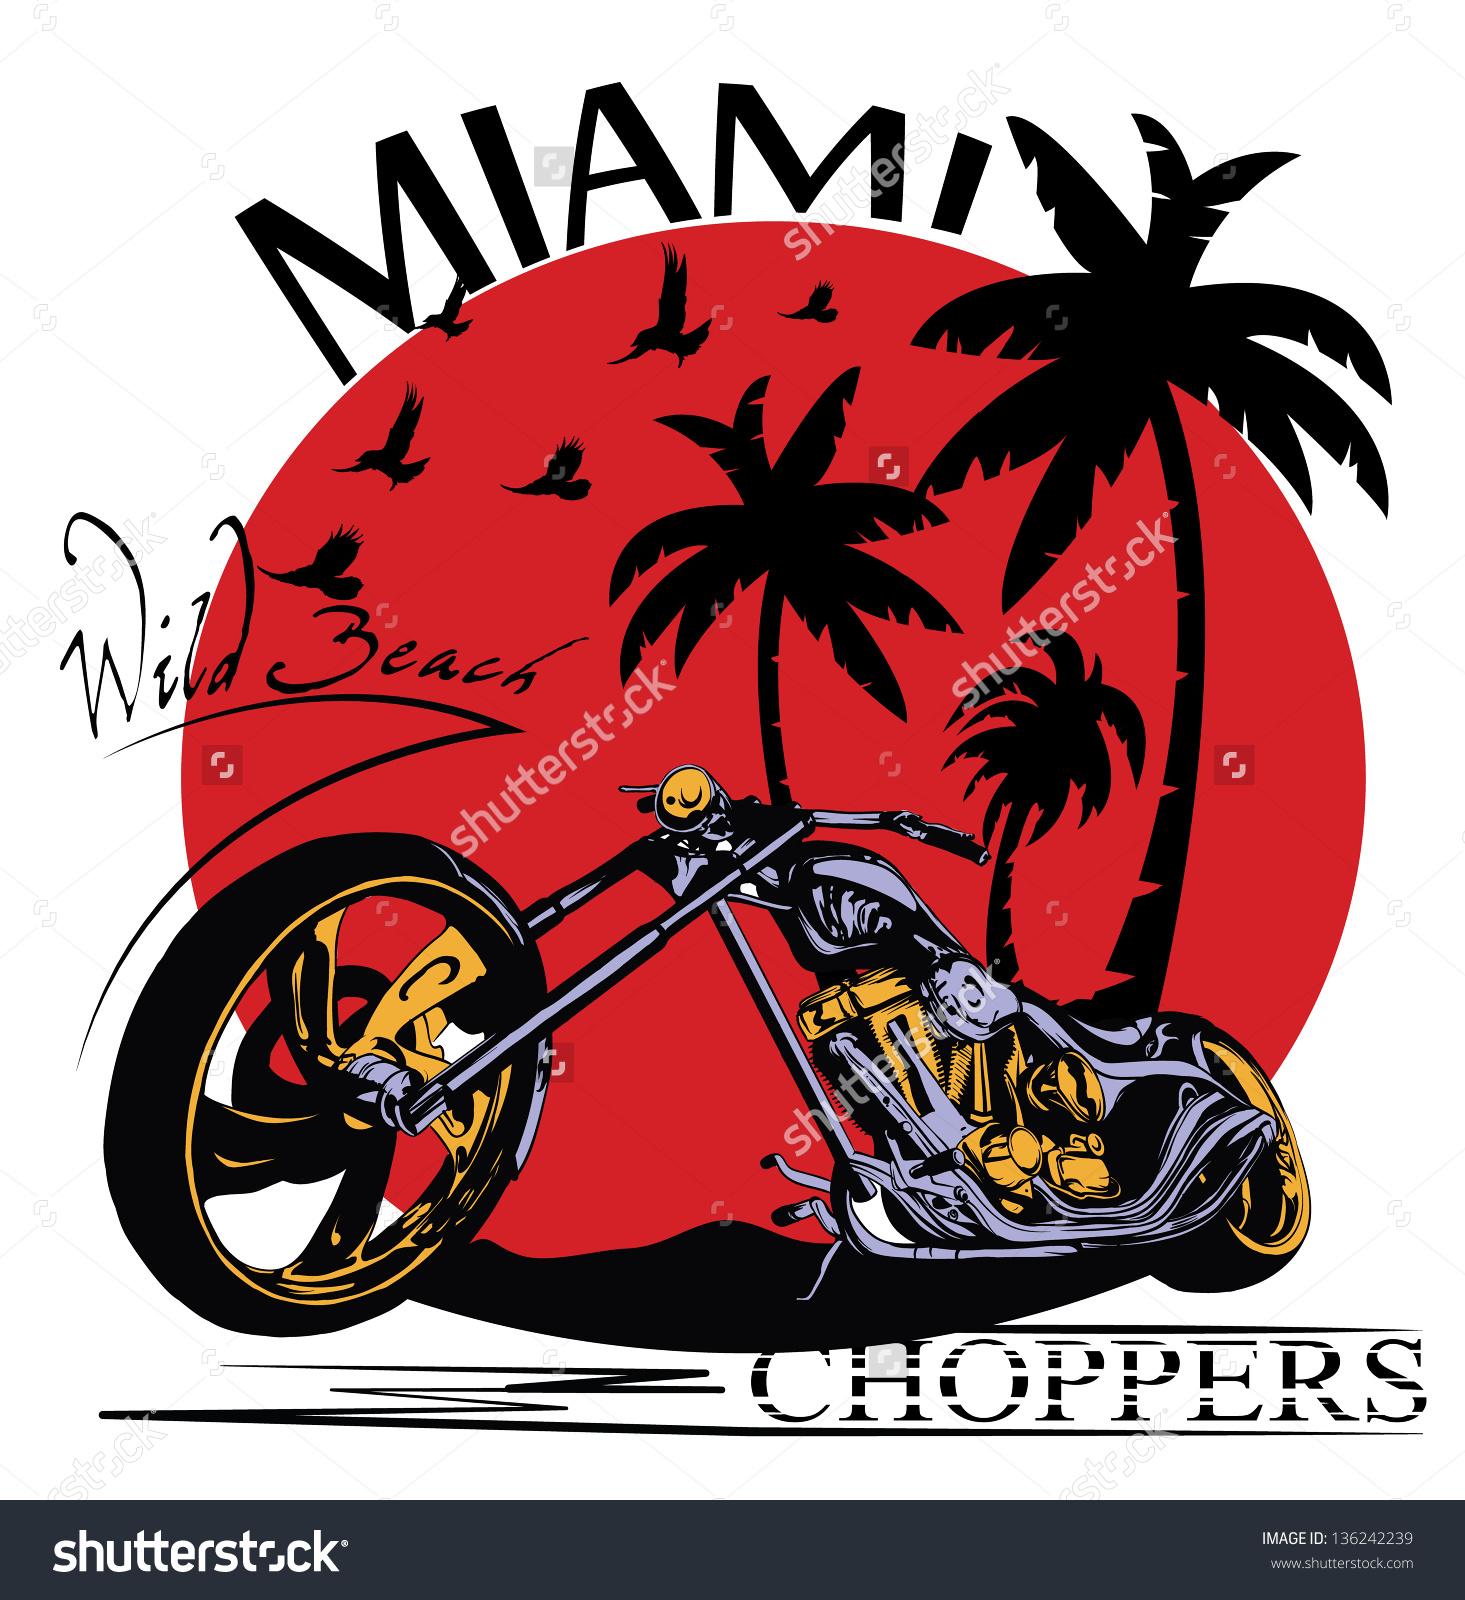 Miami beach iphone clipart.